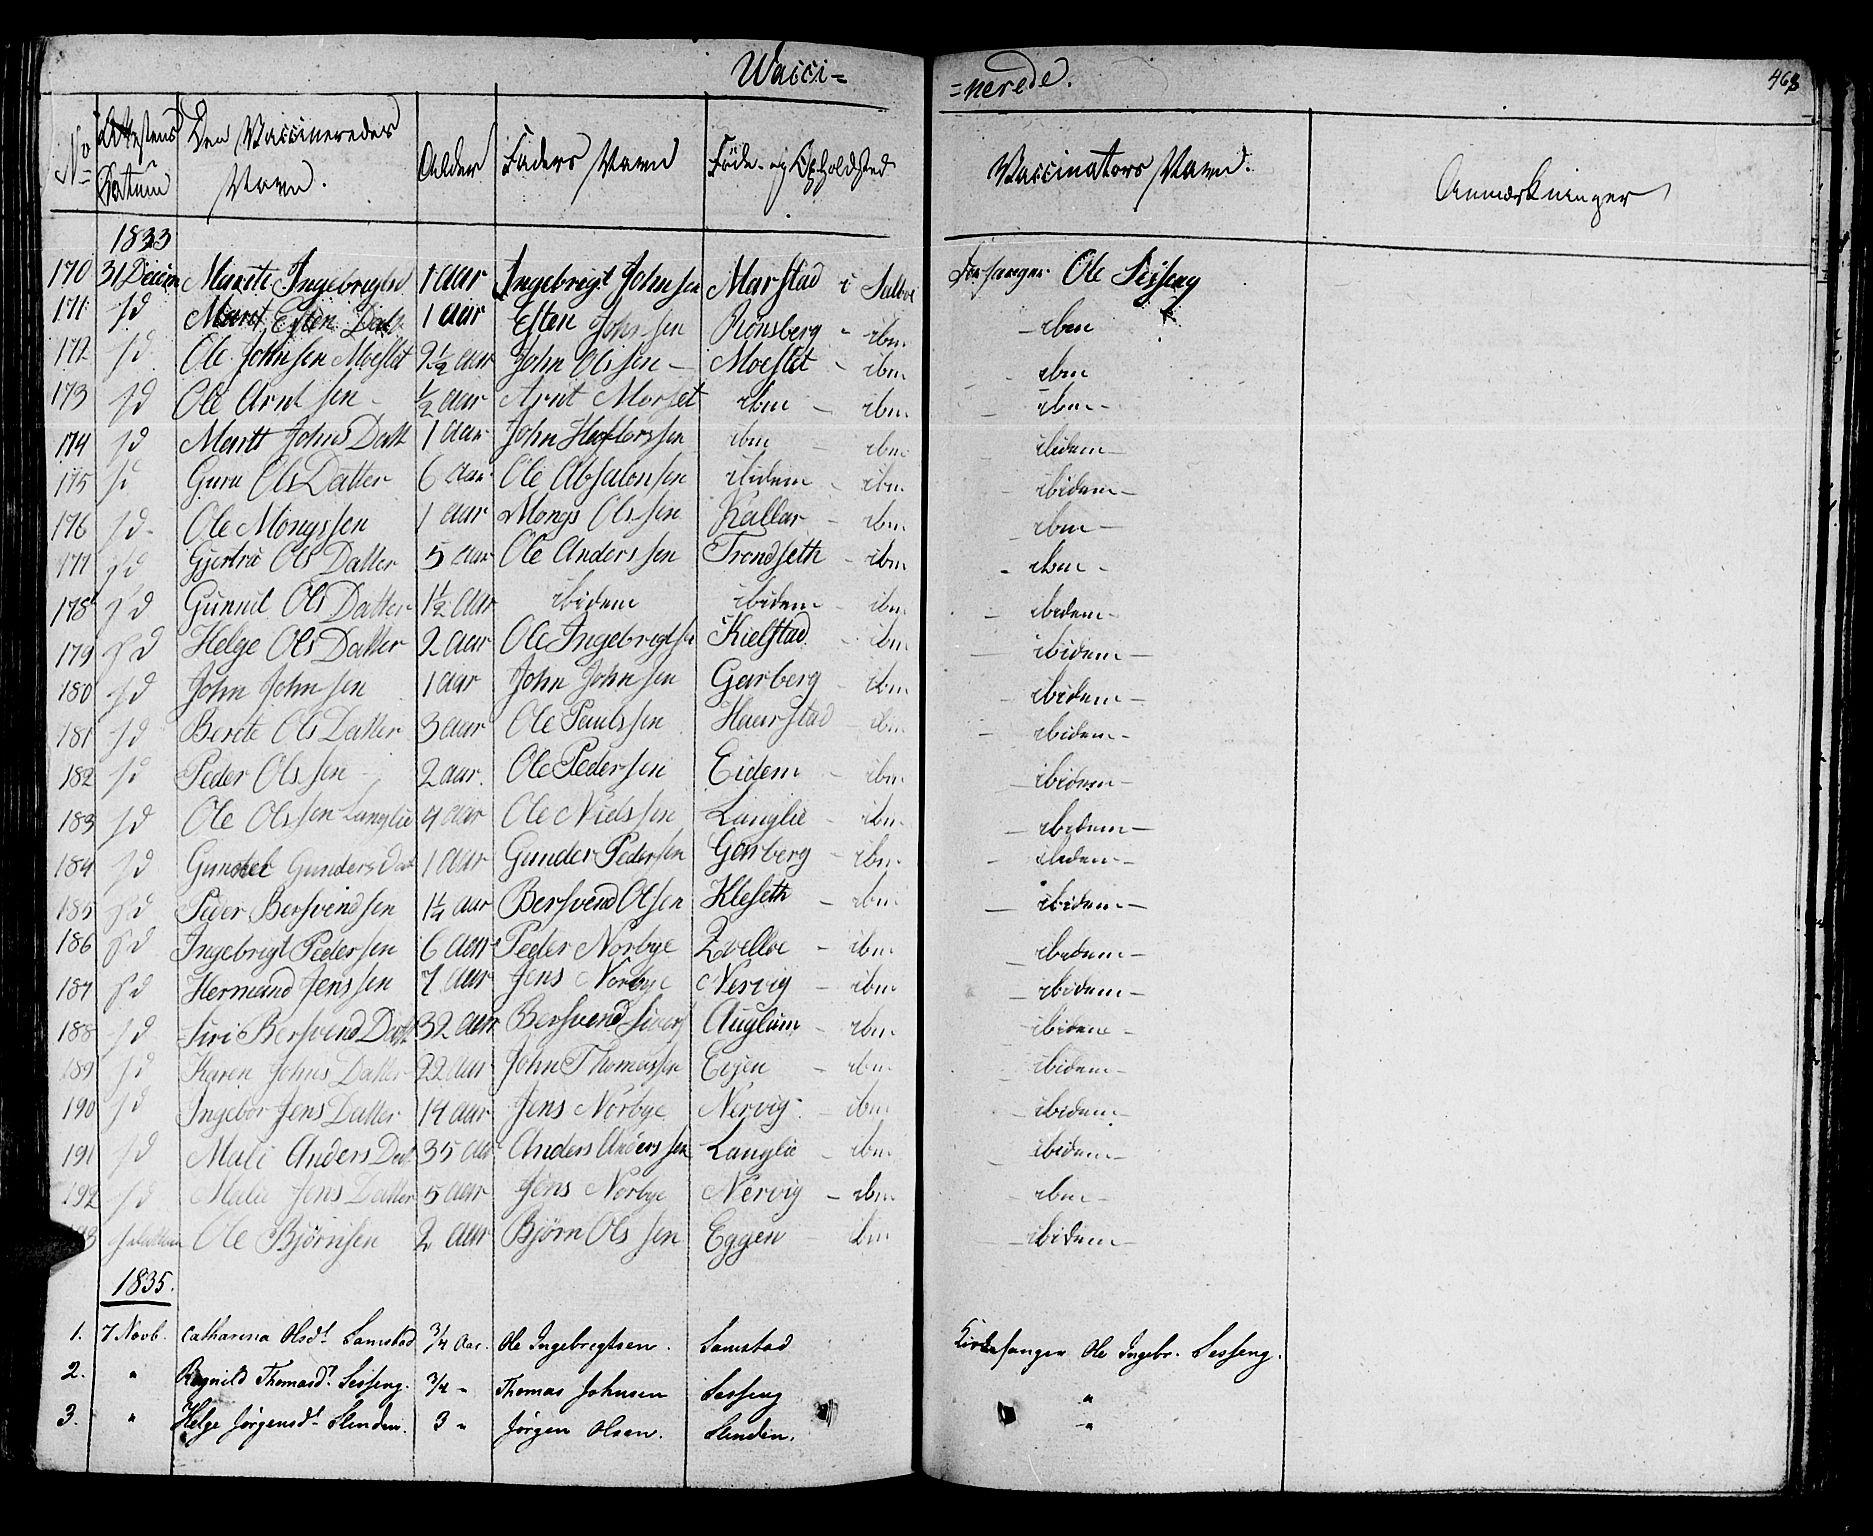 SAT, Ministerialprotokoller, klokkerbøker og fødselsregistre - Sør-Trøndelag, 695/L1143: Ministerialbok nr. 695A05 /1, 1824-1842, s. 468